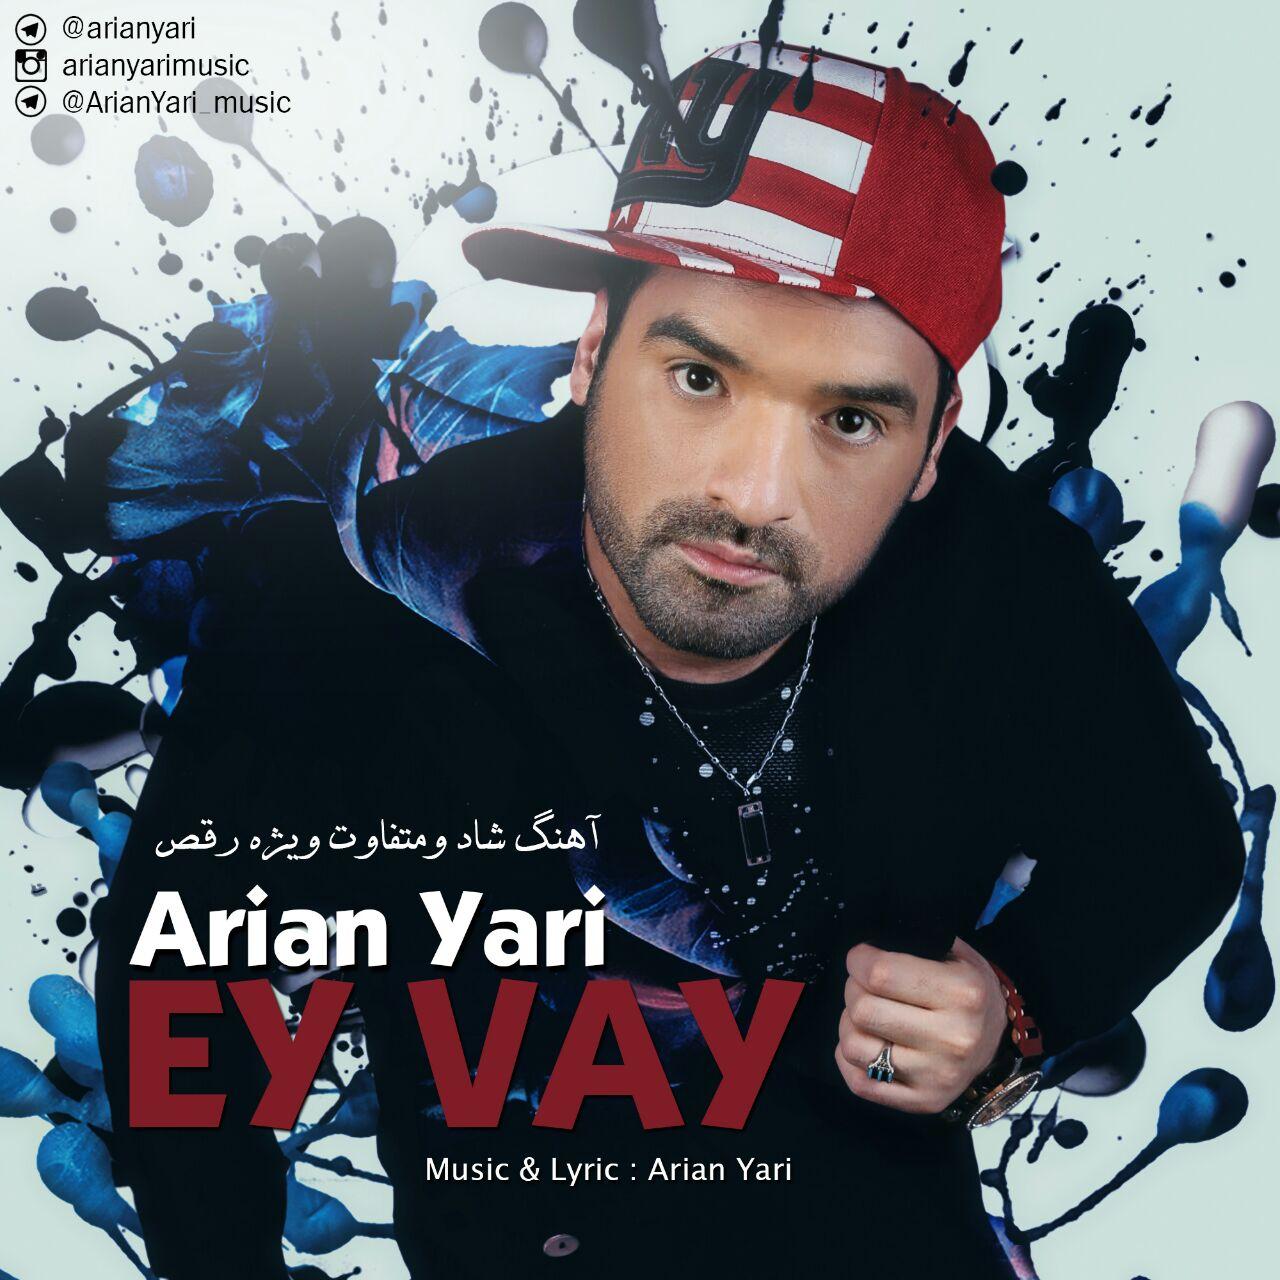 Arian Yari – Ey Vay